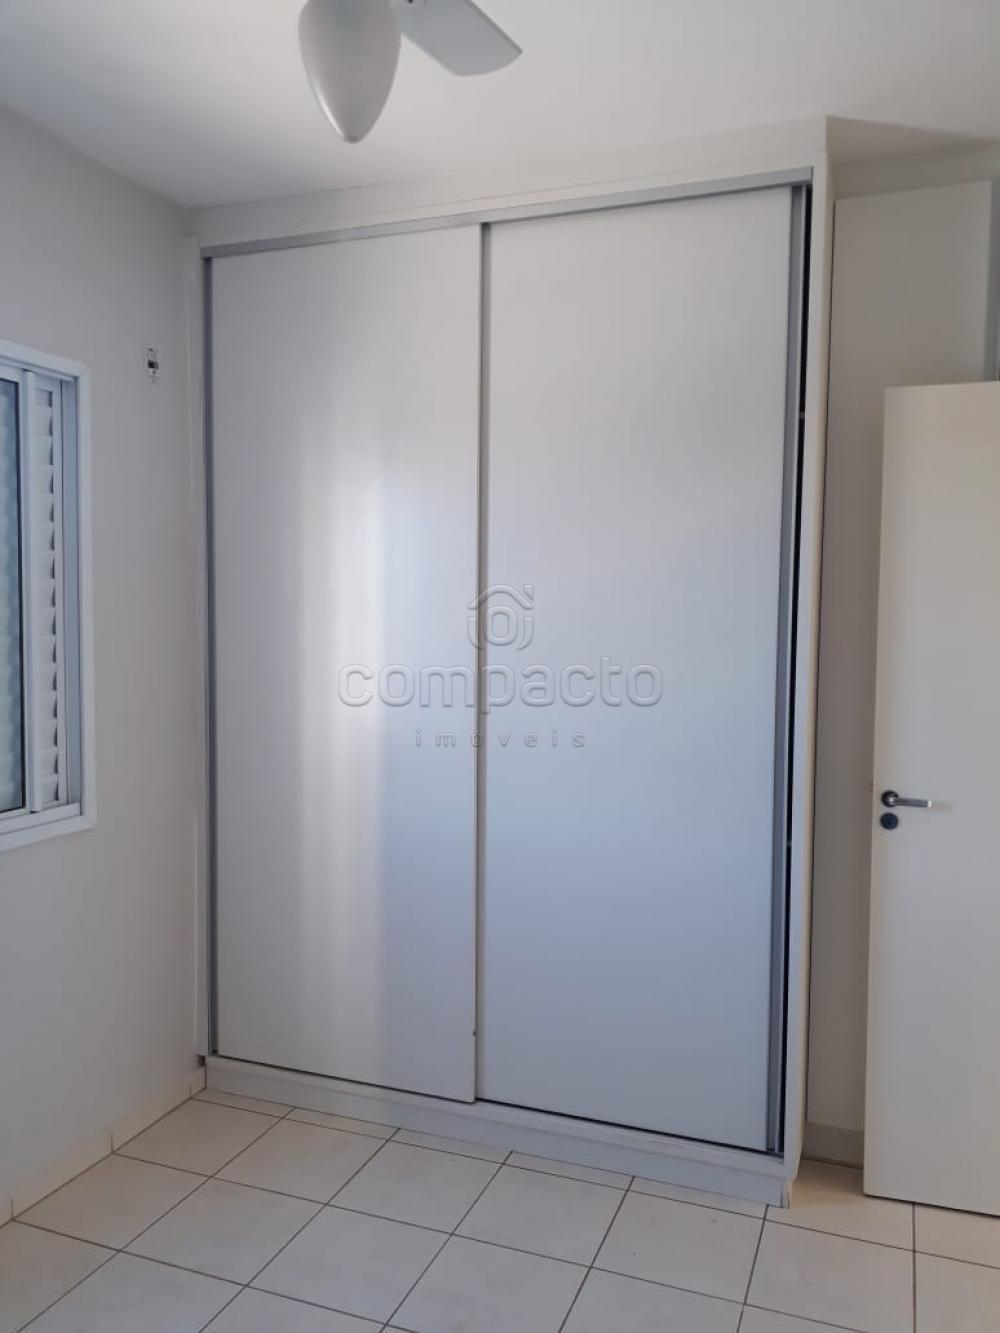 Alugar Apartamento / Padrão em São José do Rio Preto apenas R$ 1.400,00 - Foto 14